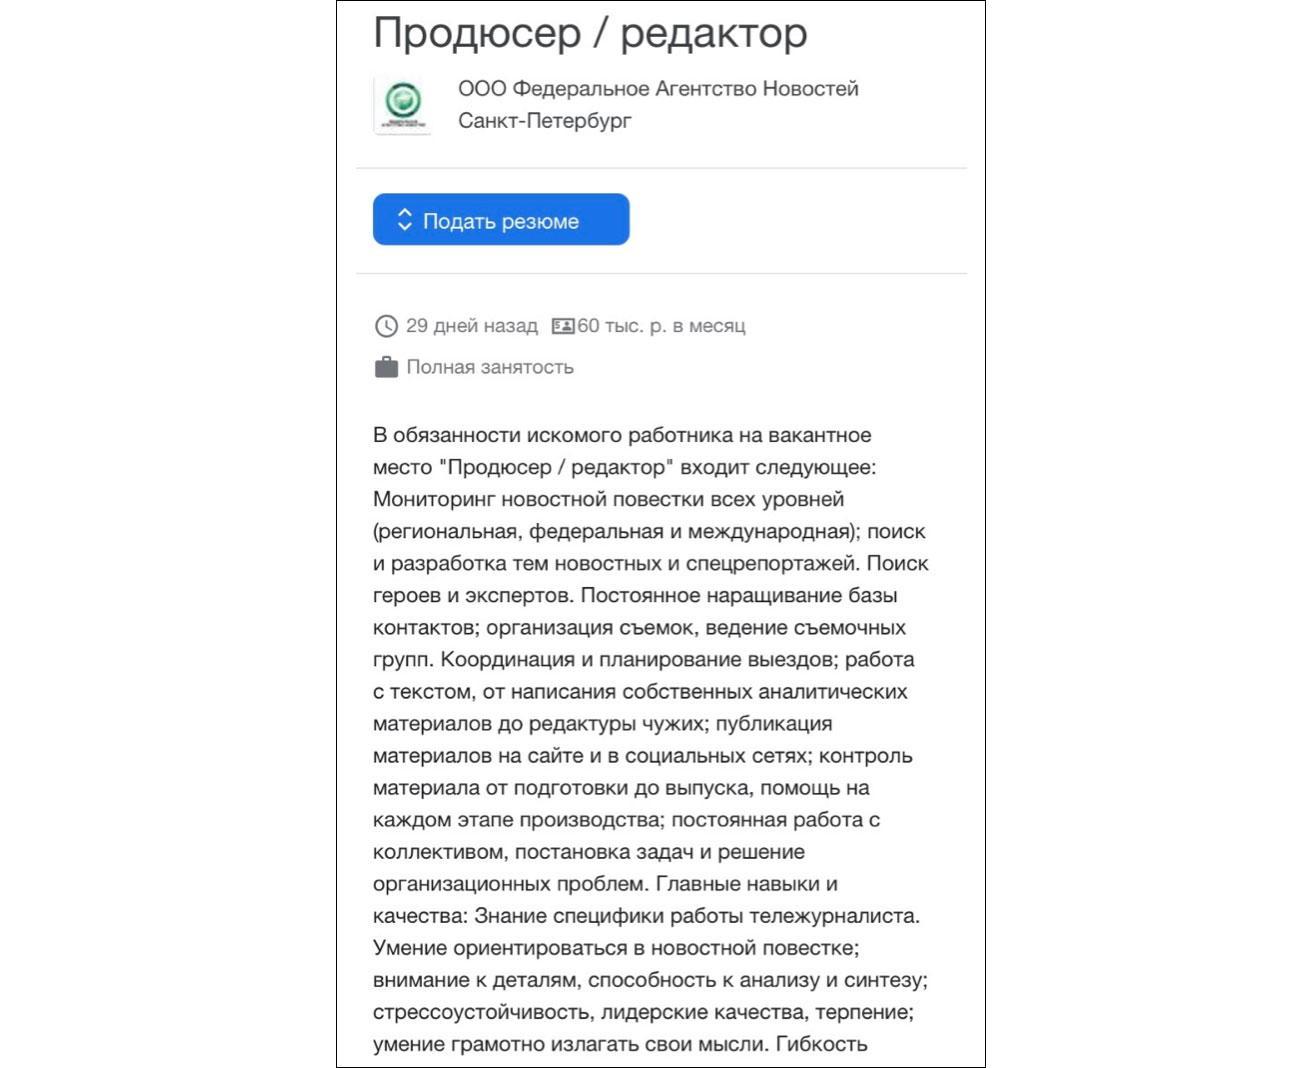 За 60 тысяч рублей ООО «ФАН» ищет человека, который будет выполнять работу менеджера и автора одновременно